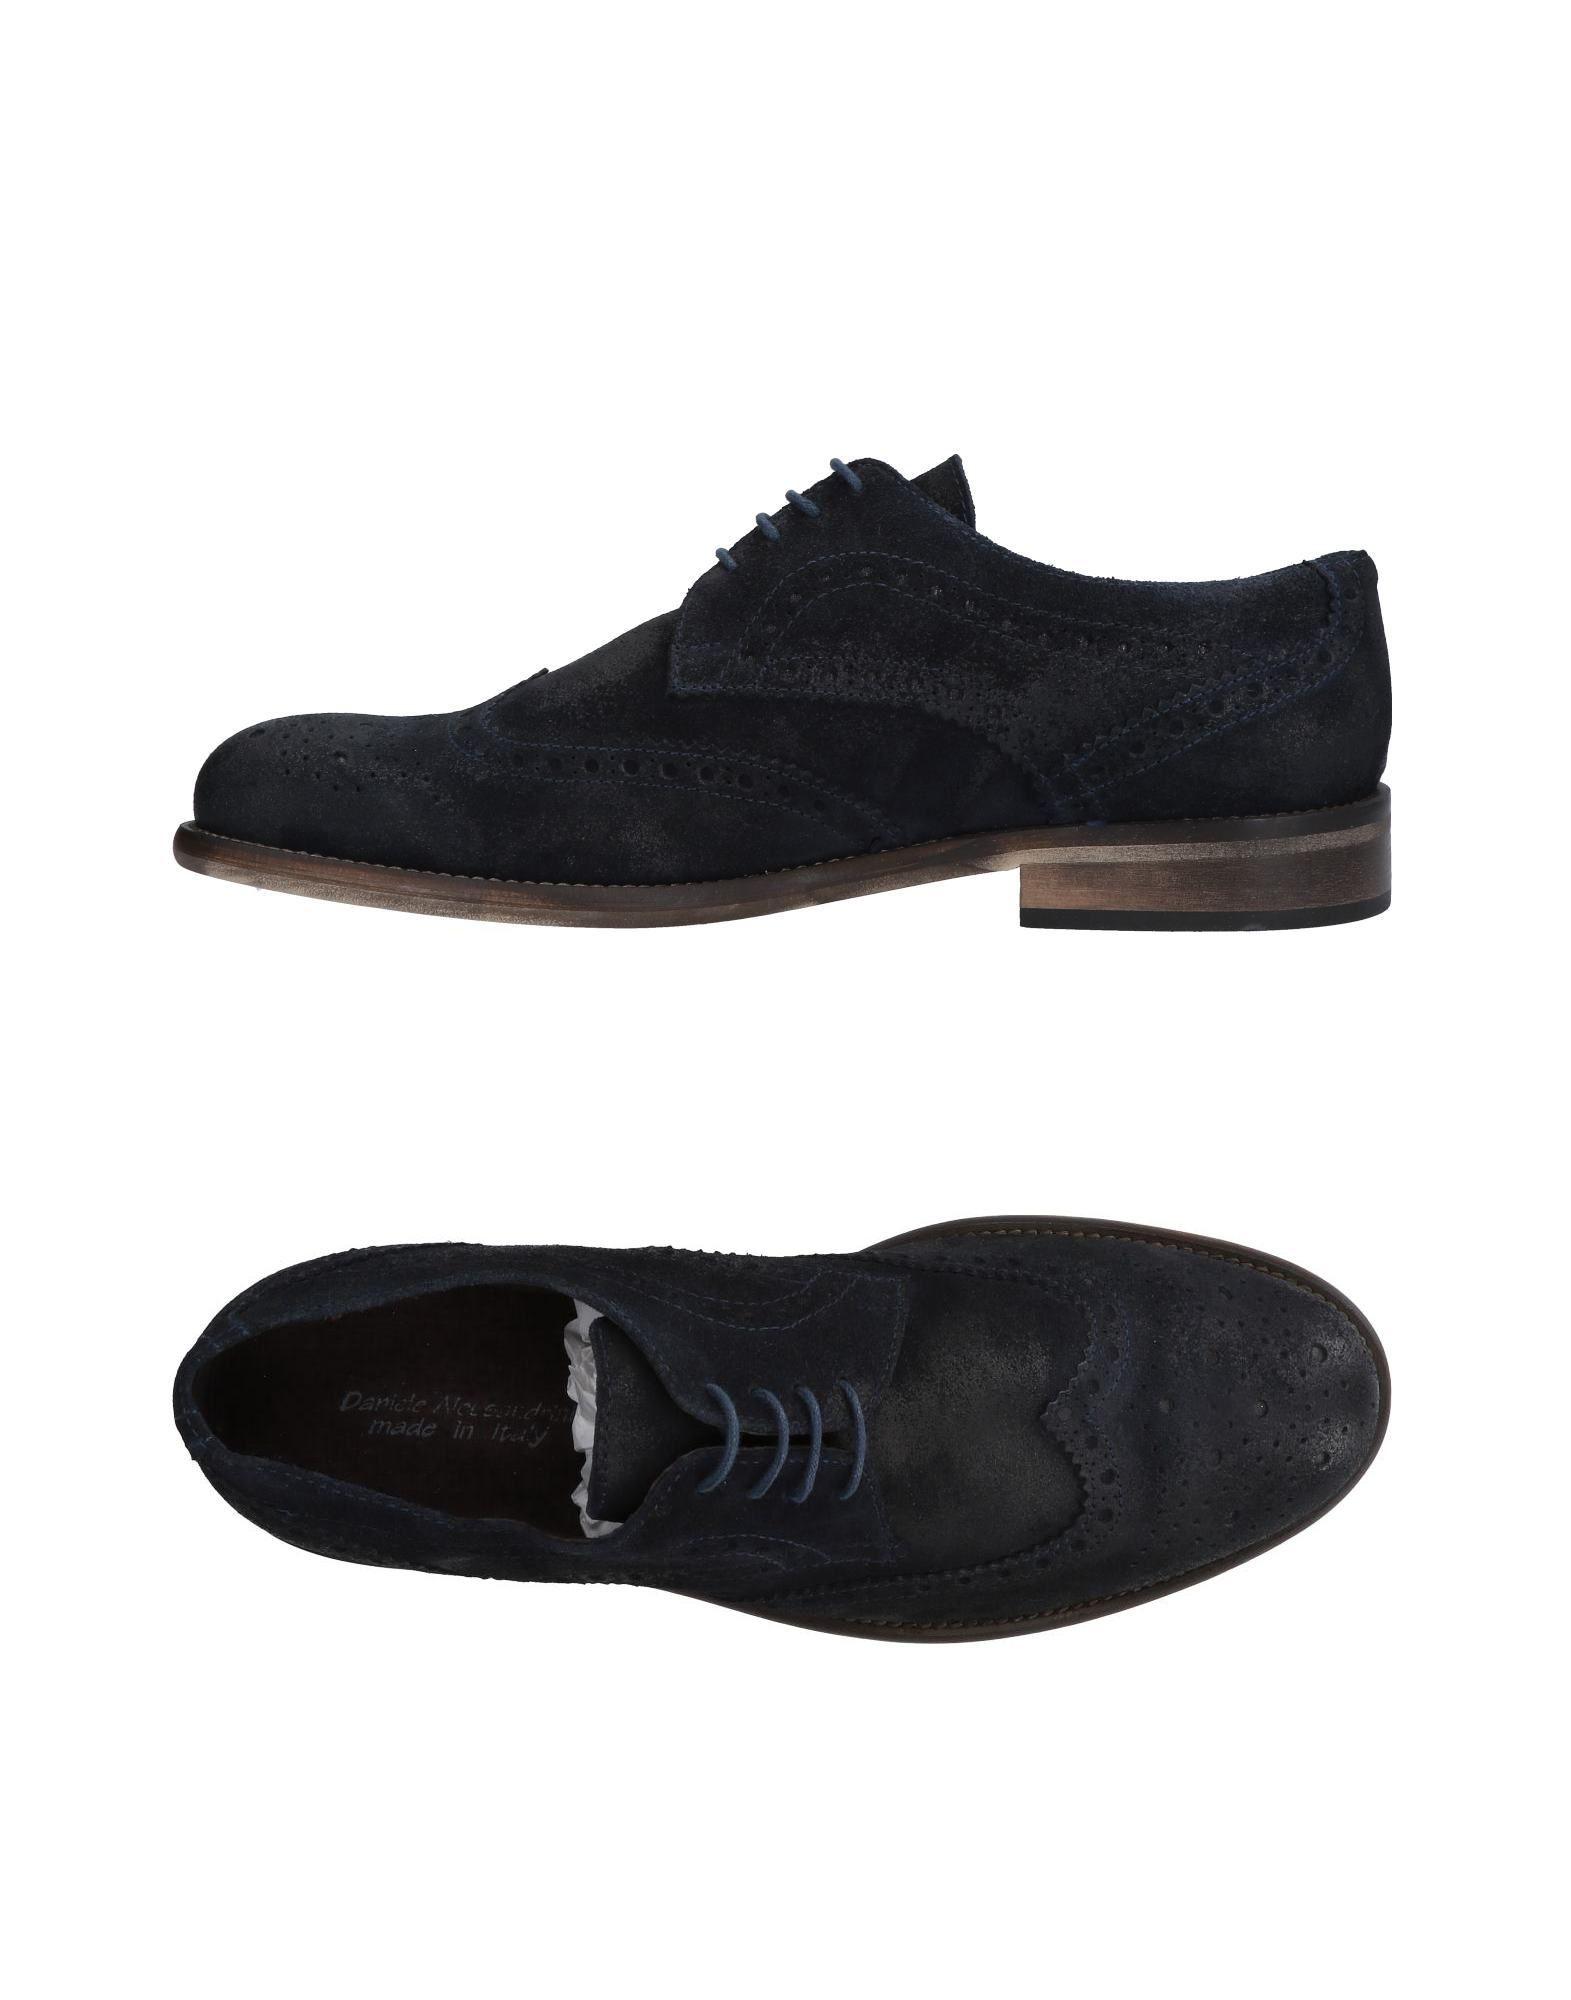 Rabatt echte Schuhe Daniele Alessandrini Schnürschuhe Herren  11242893VR